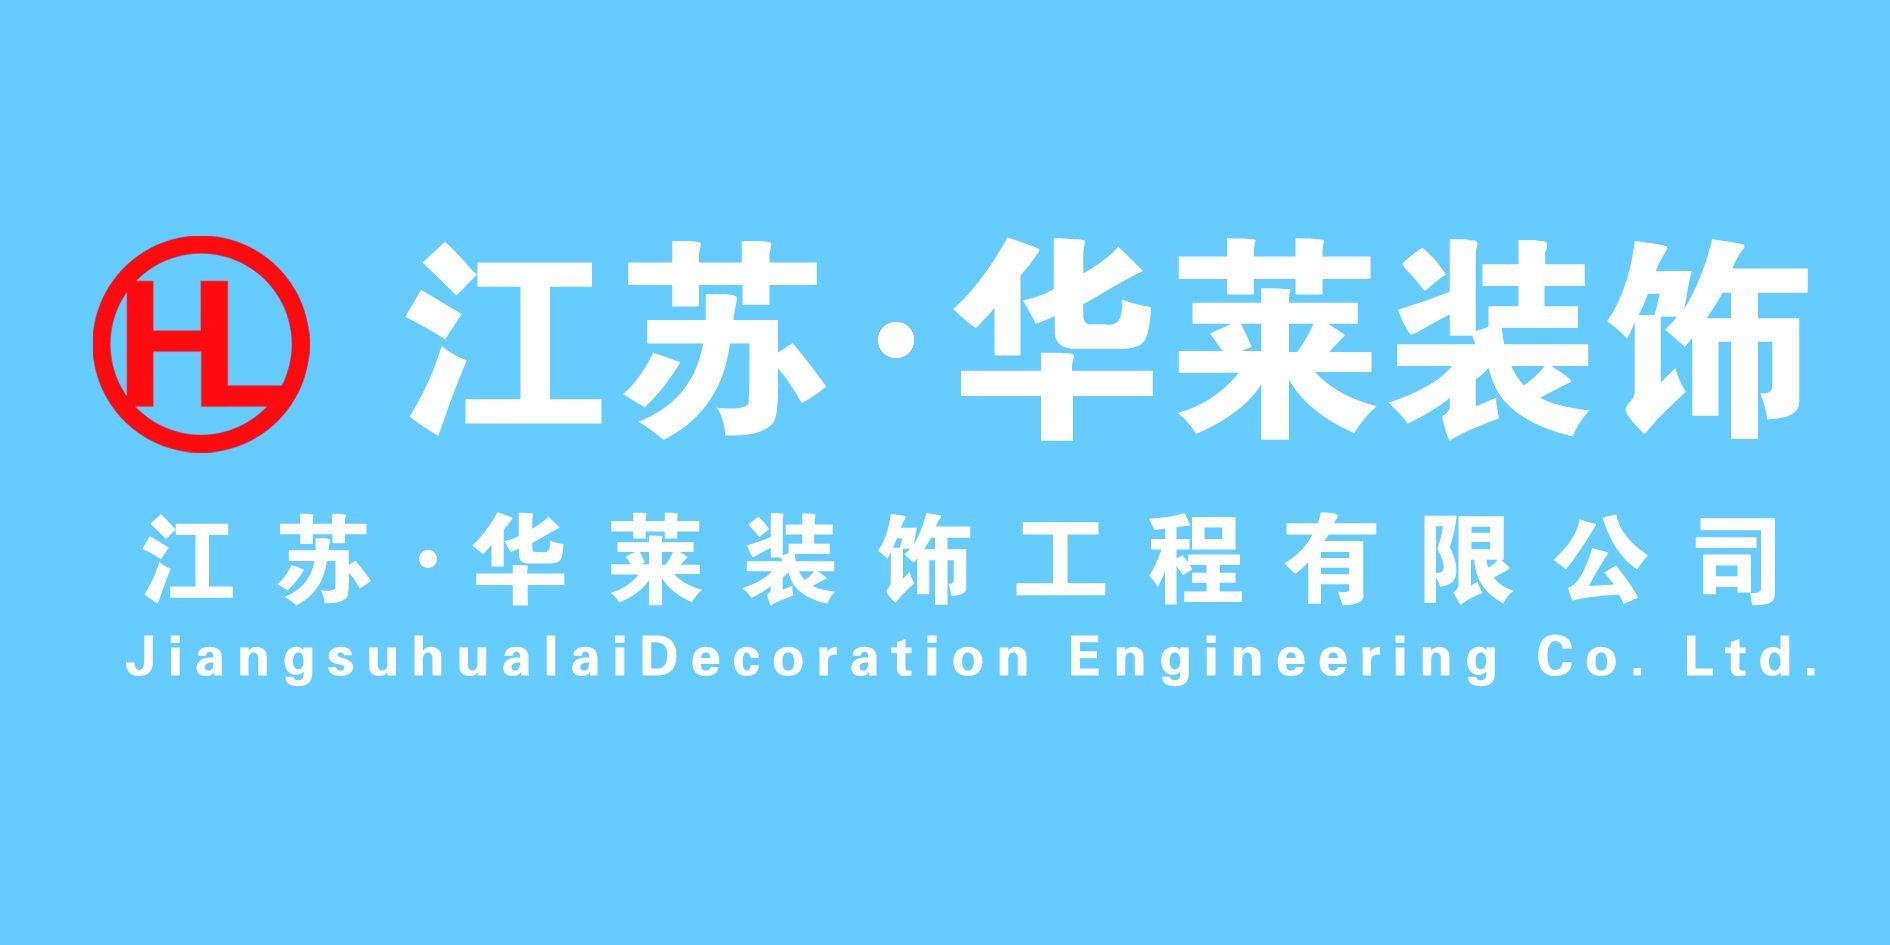 江苏华莱装饰工程有限公司